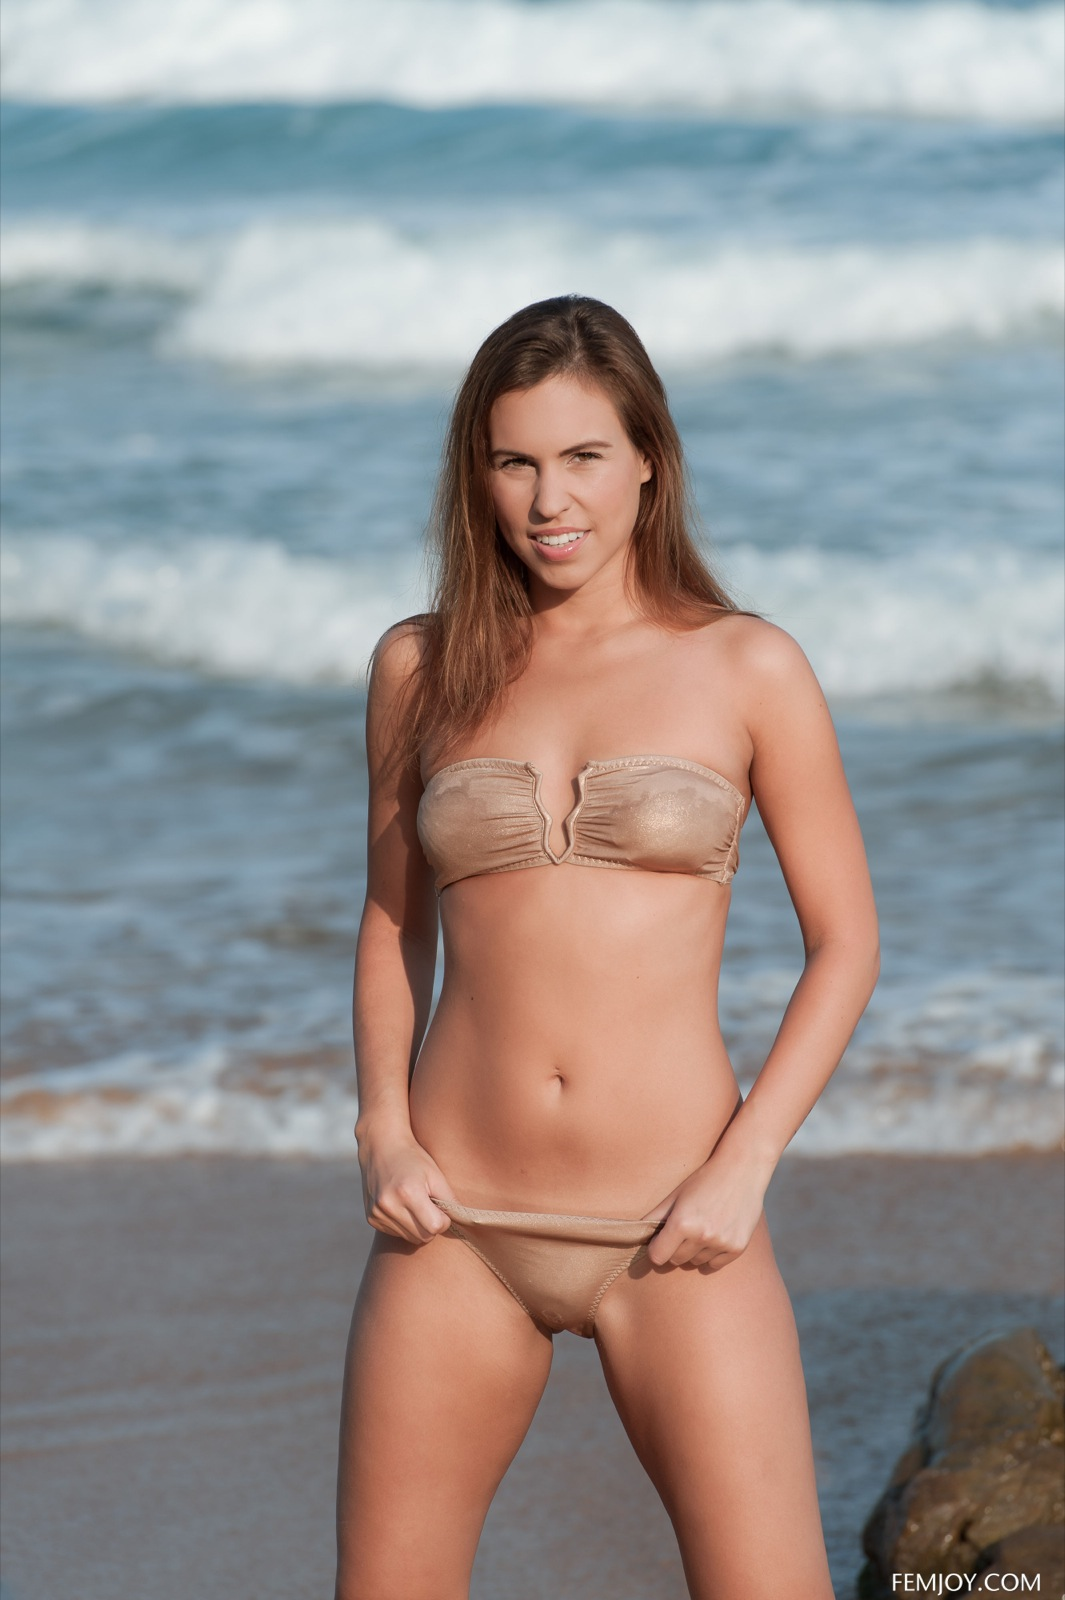 Jenny A in a bikini